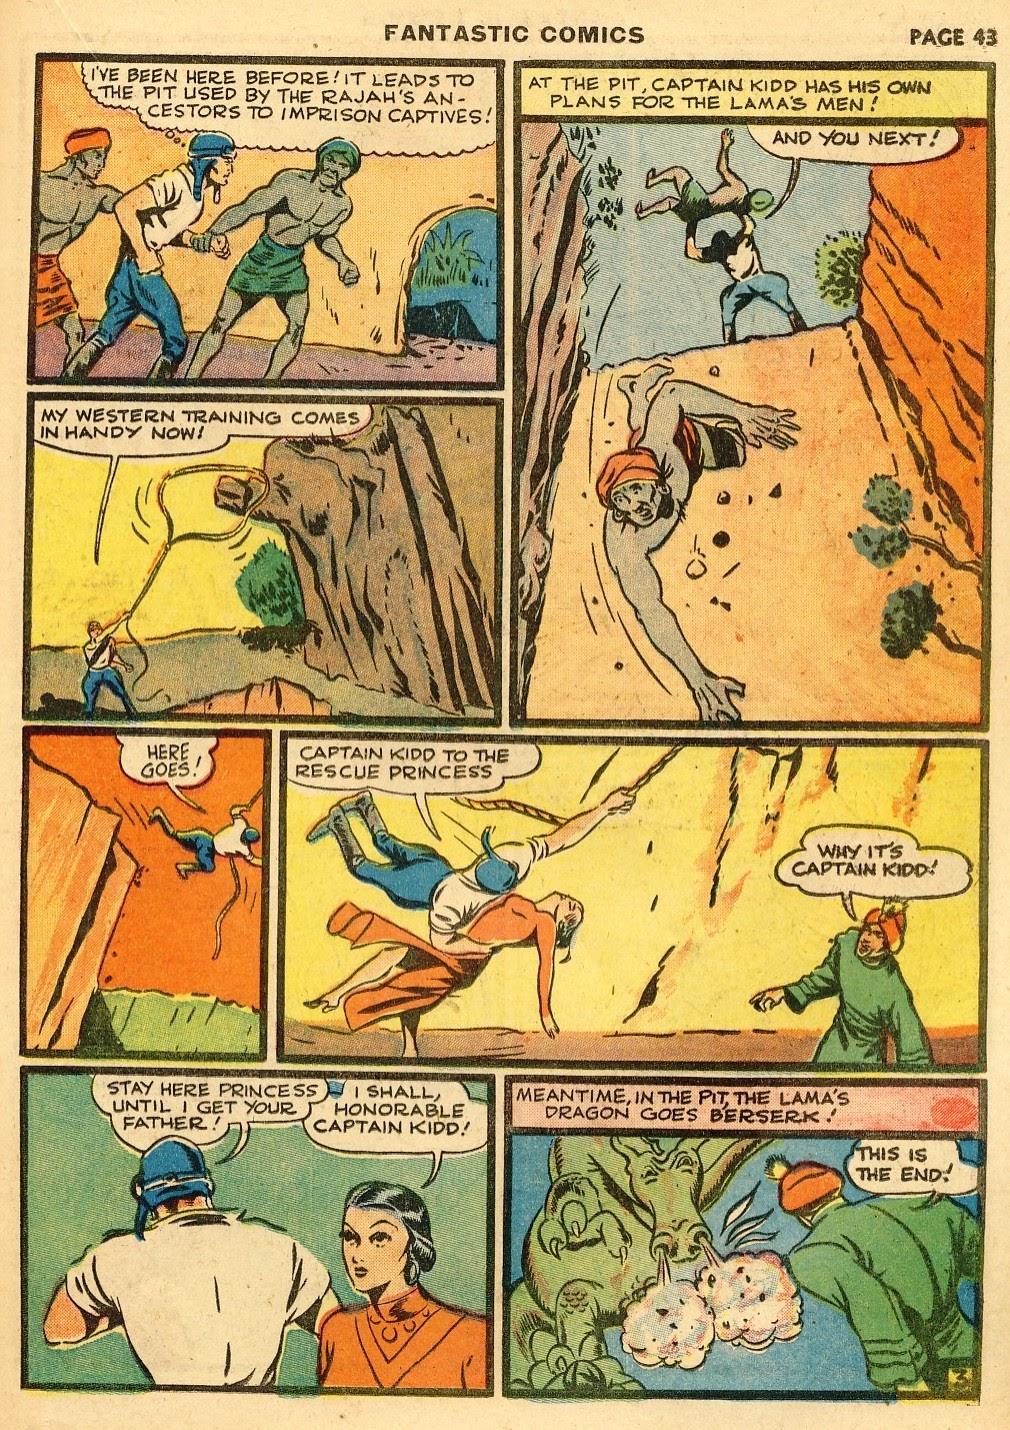 Read online Fantastic Comics comic -  Issue #10 - 44